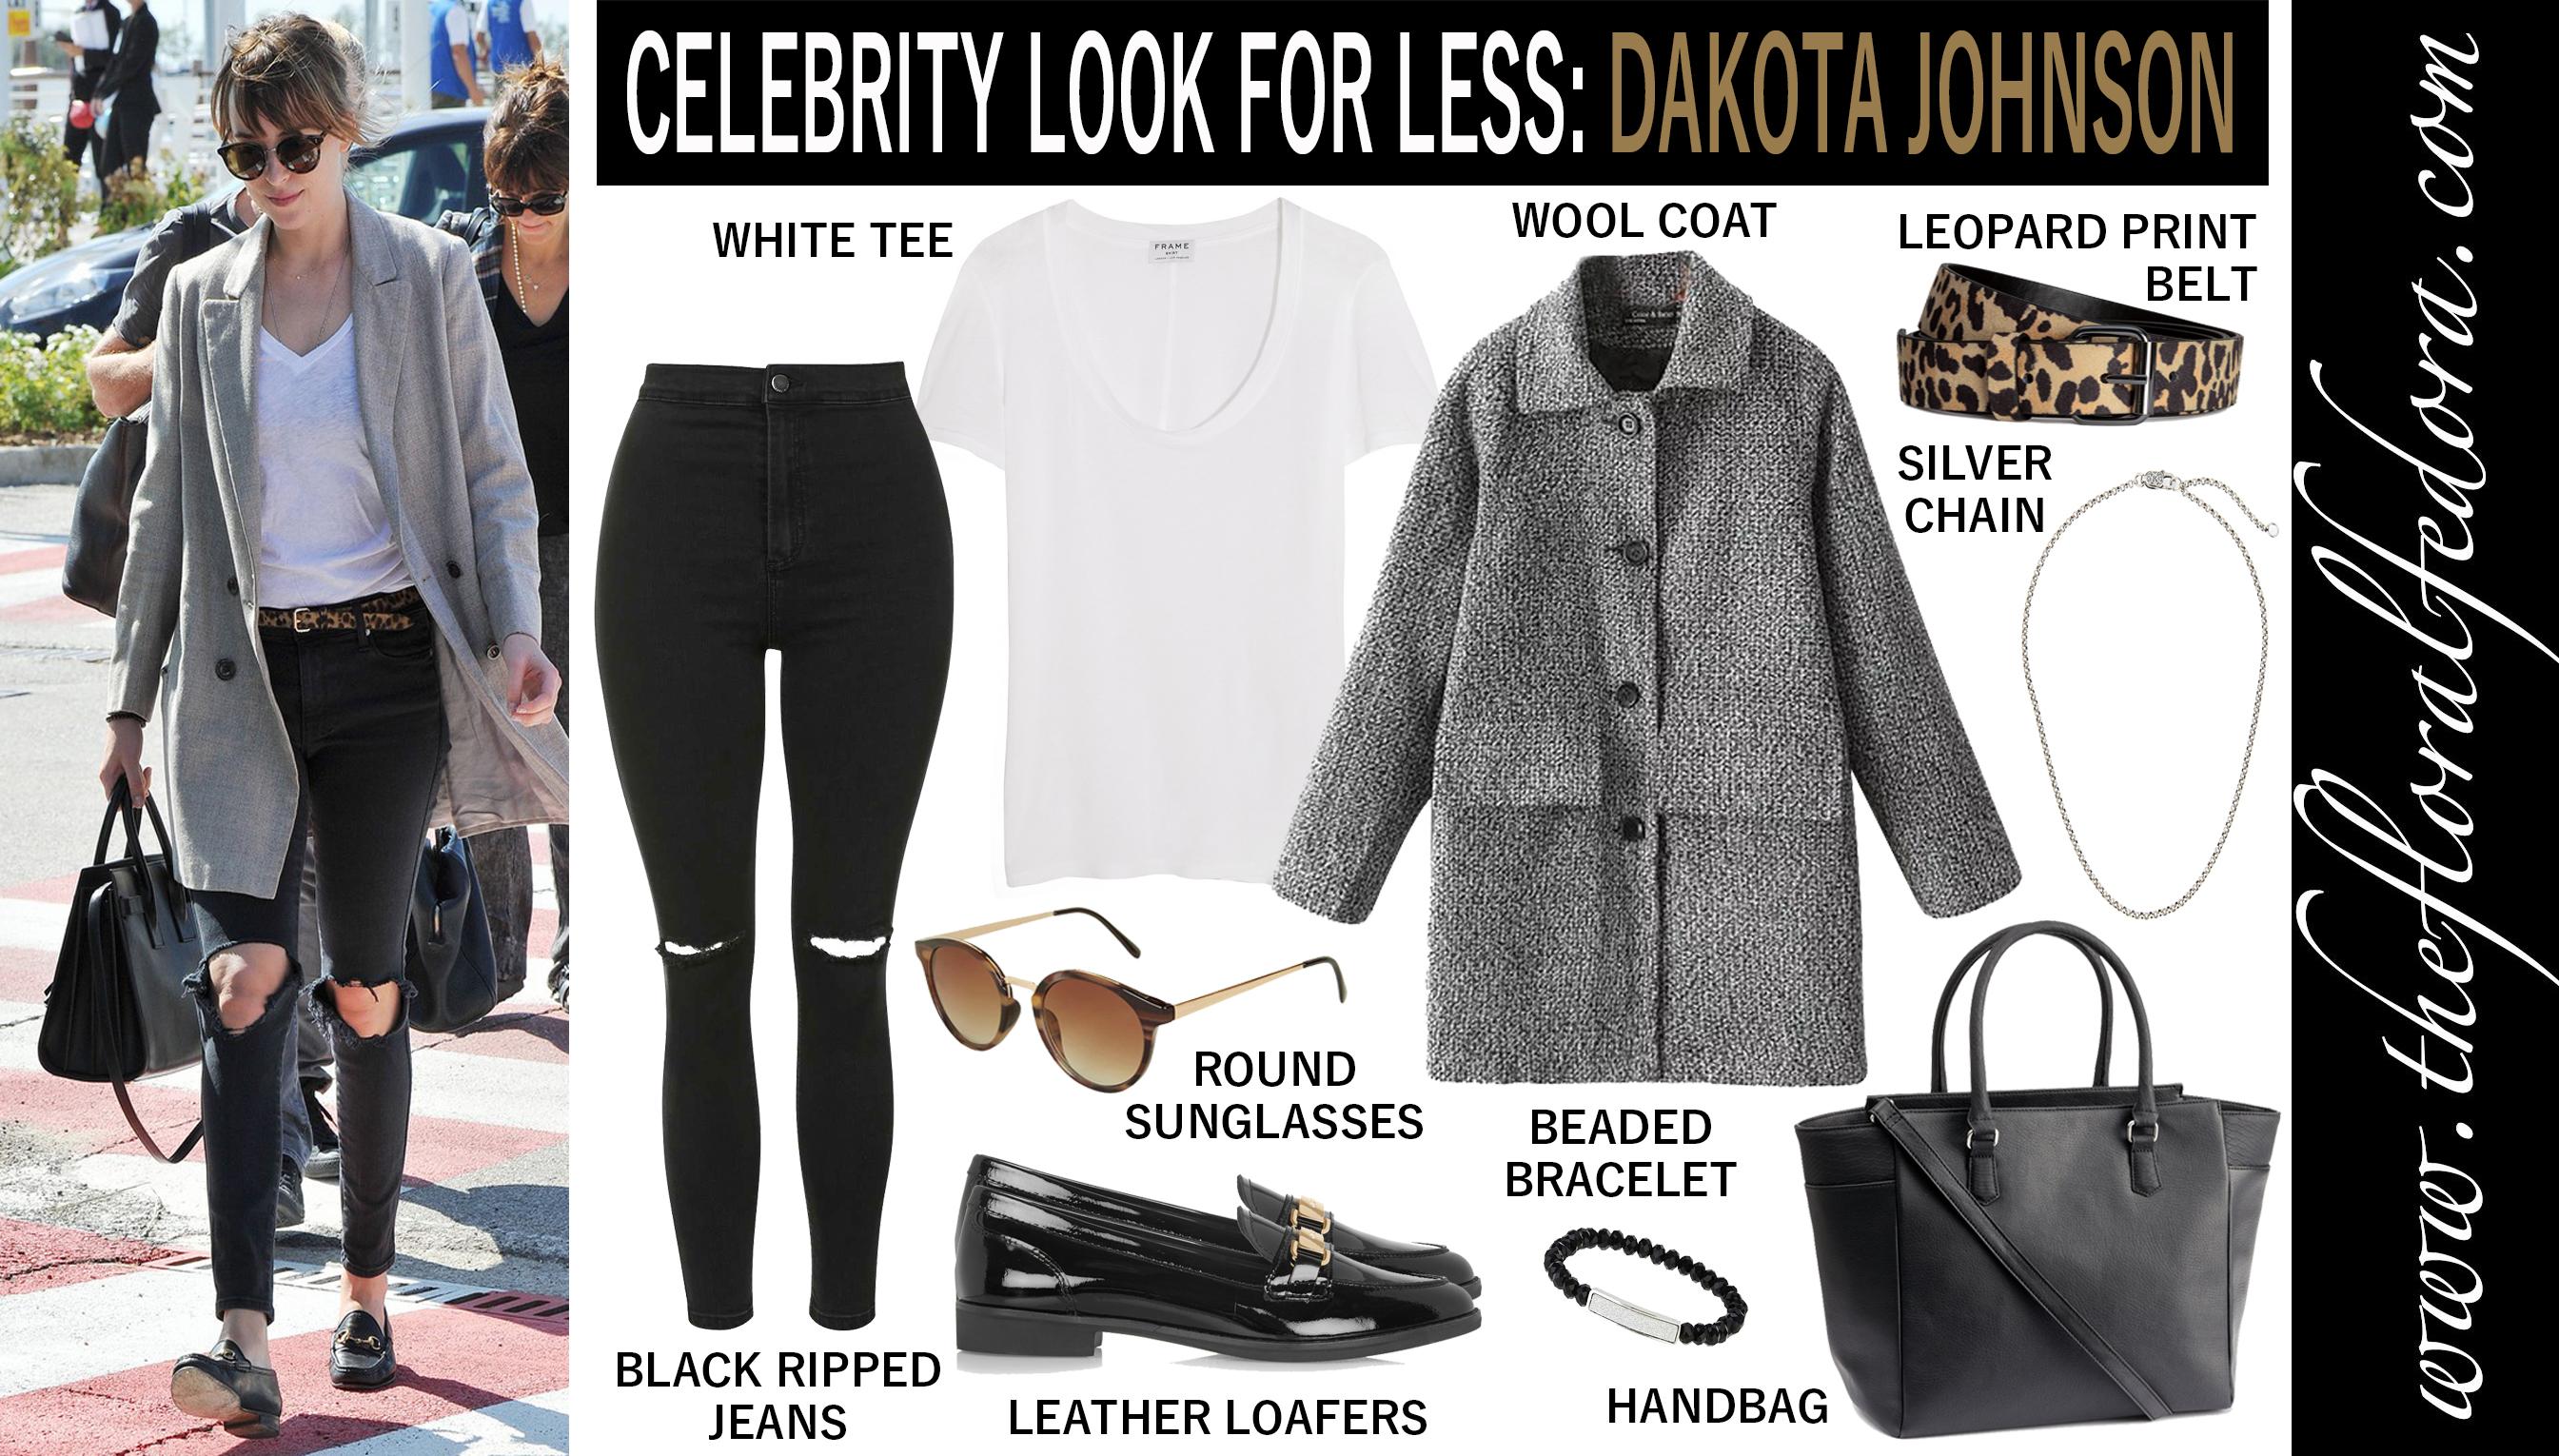 Celebrity Look for Less: Dakota Johnson